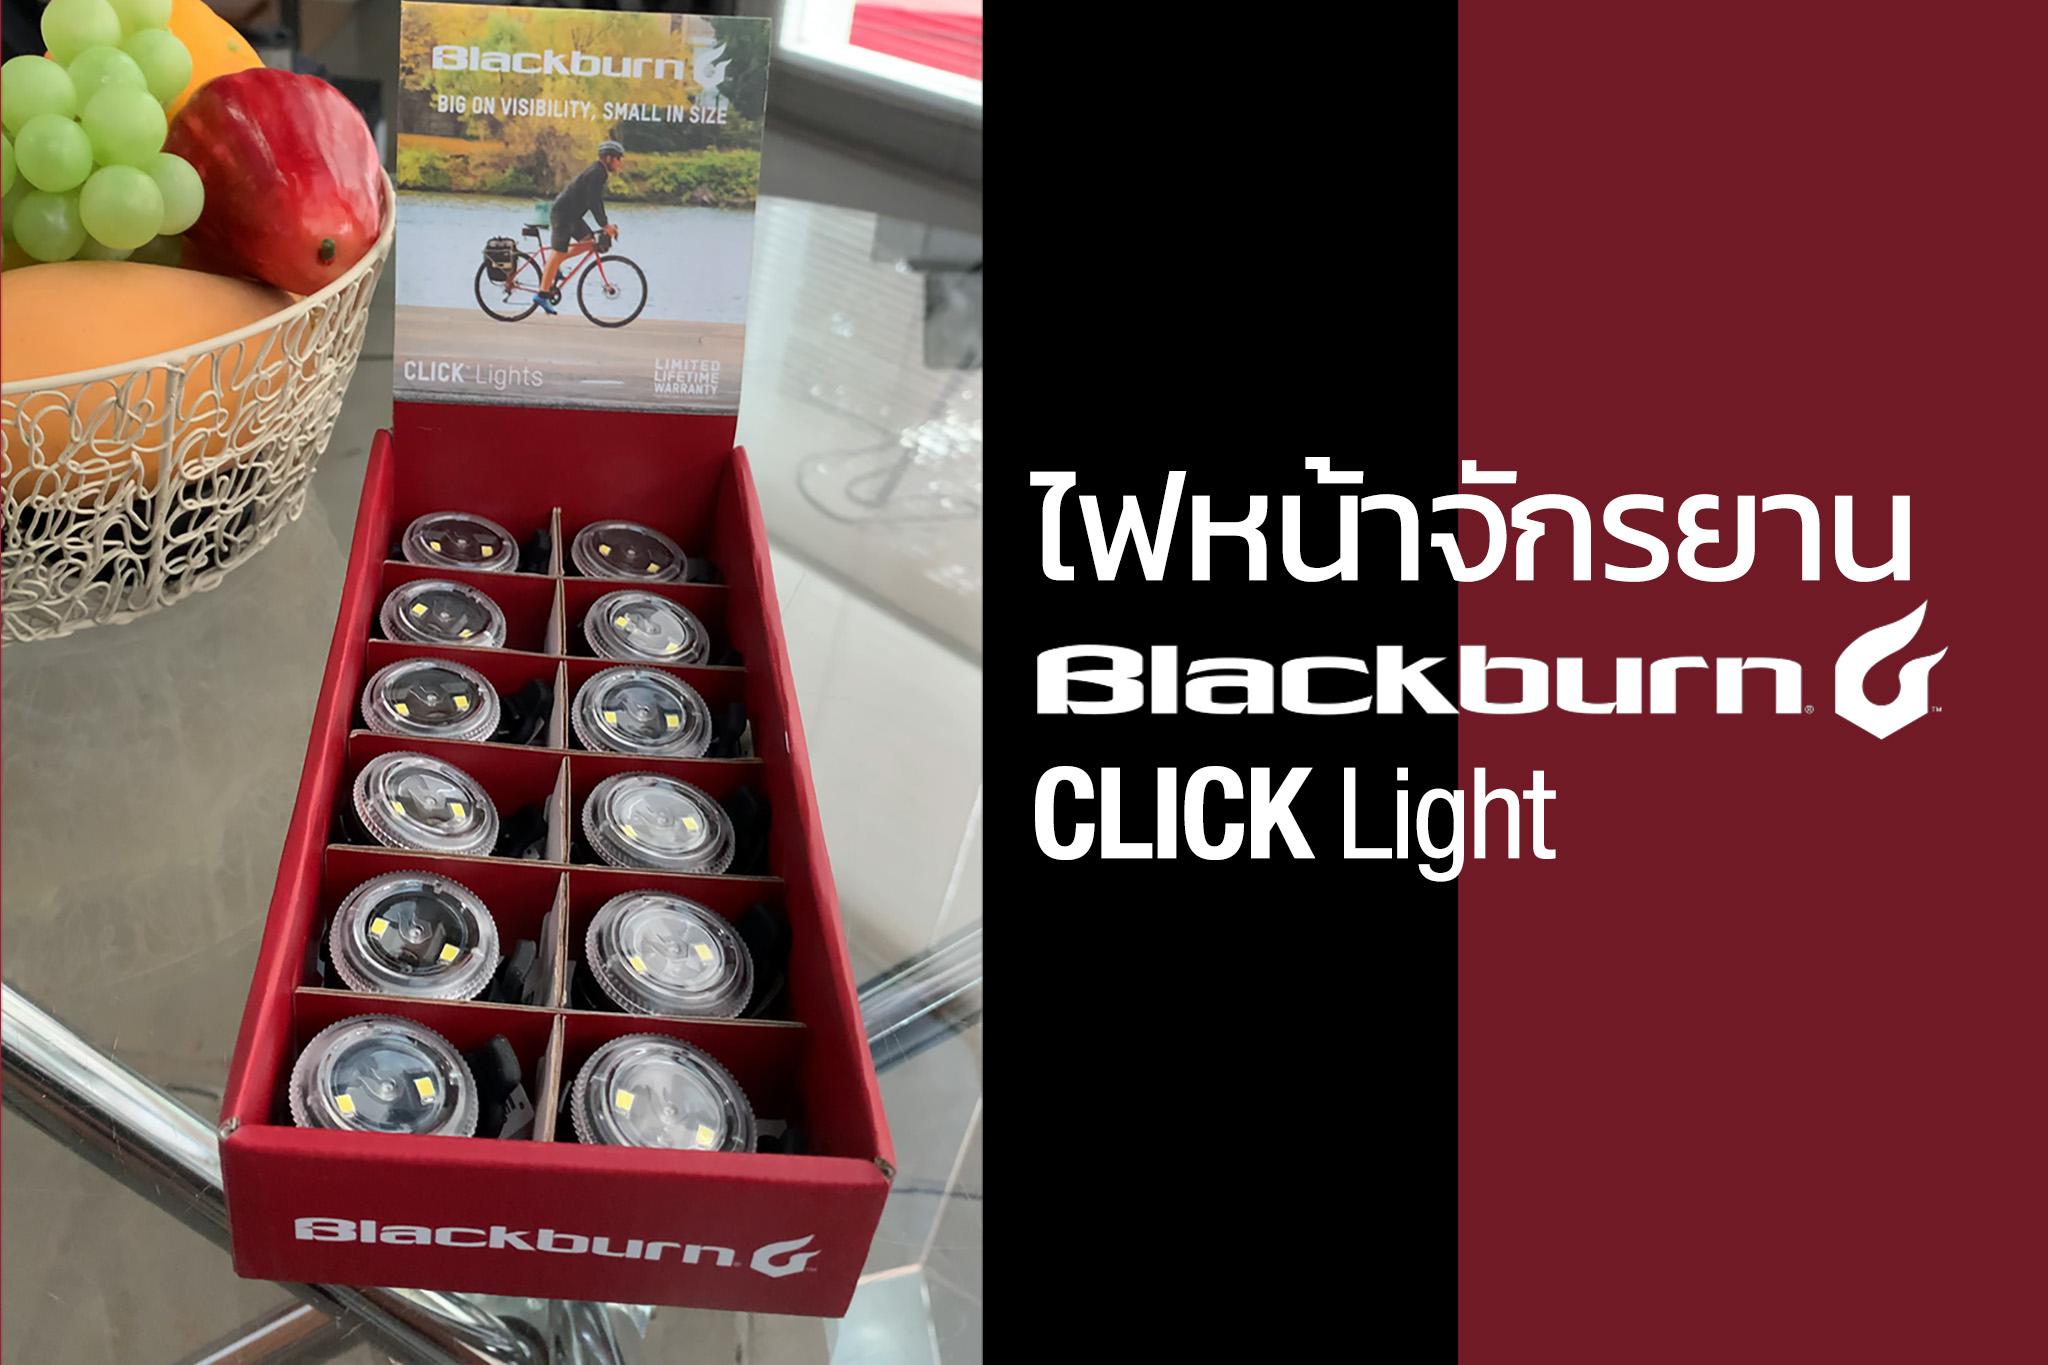 ไฟหน้า (ปลอดภัย) Blackburn รุ่น Click Light ดวงเล็กสเปคแรง.. ให้รถที่ขับสวน เห็นคุณได้ชัดเจนขึ้น